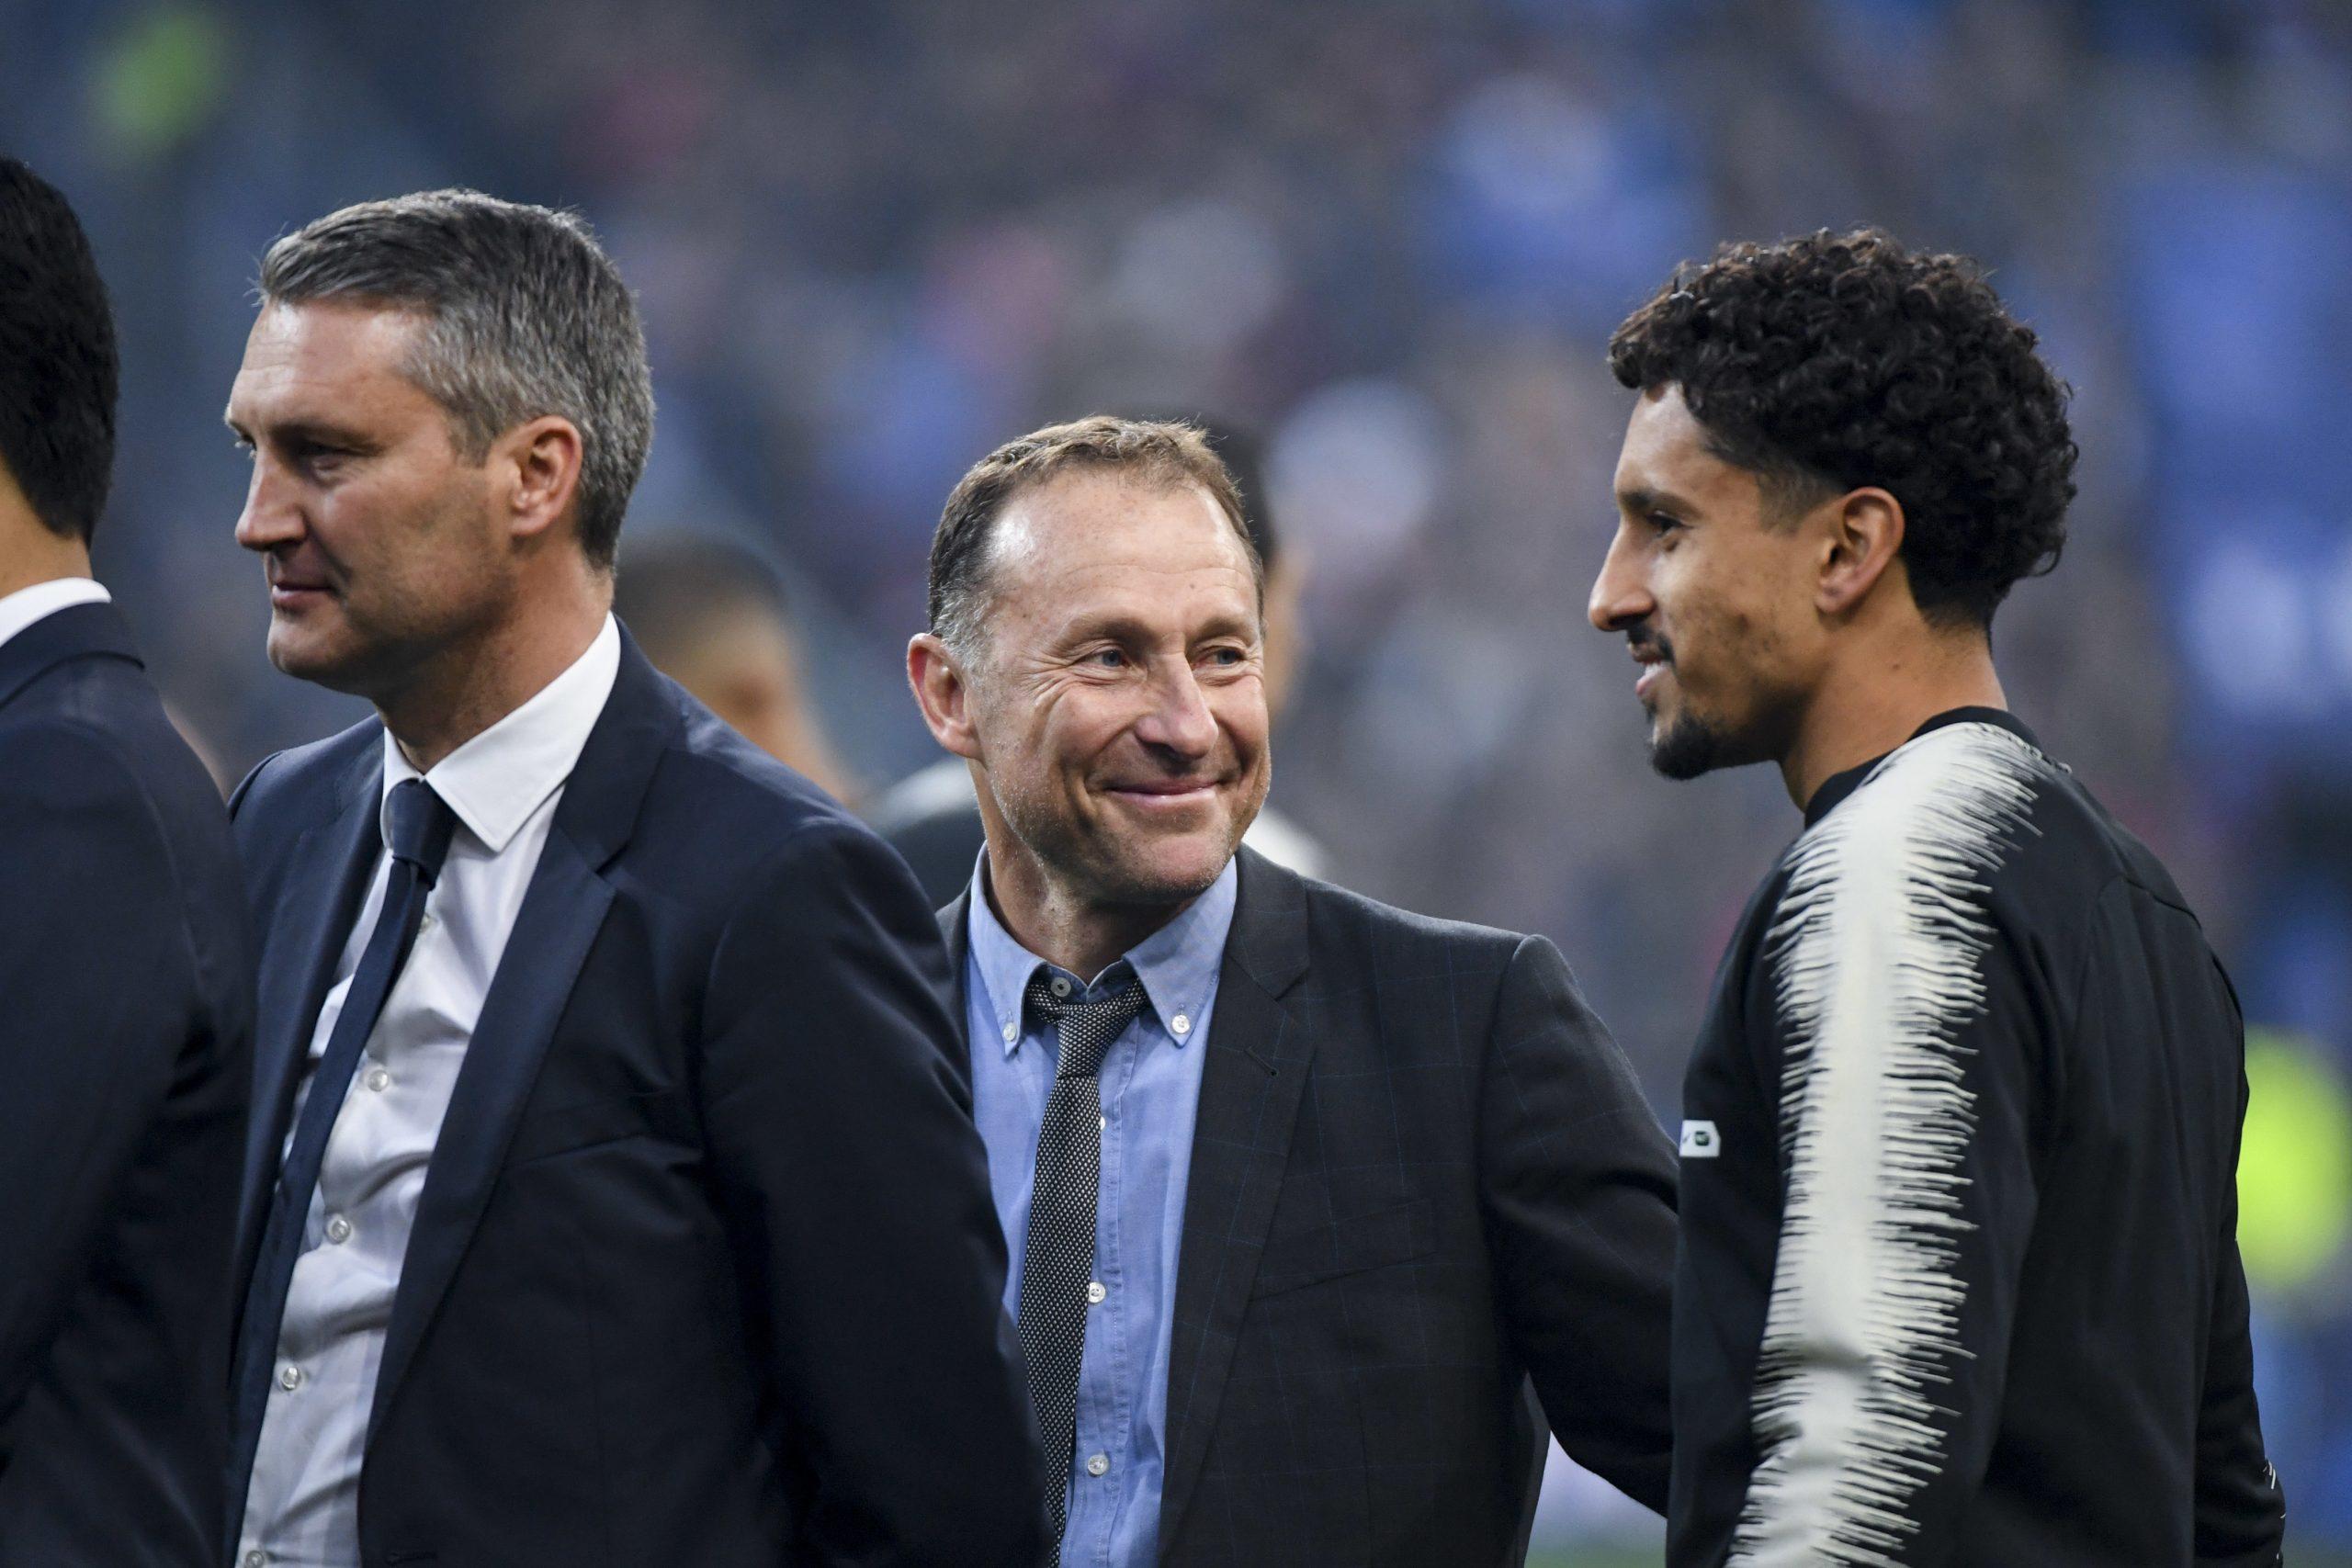 ParisFansPapin est sûr que le PSG remportera la Ligue des Champions, même s'il y a un progrès à faire